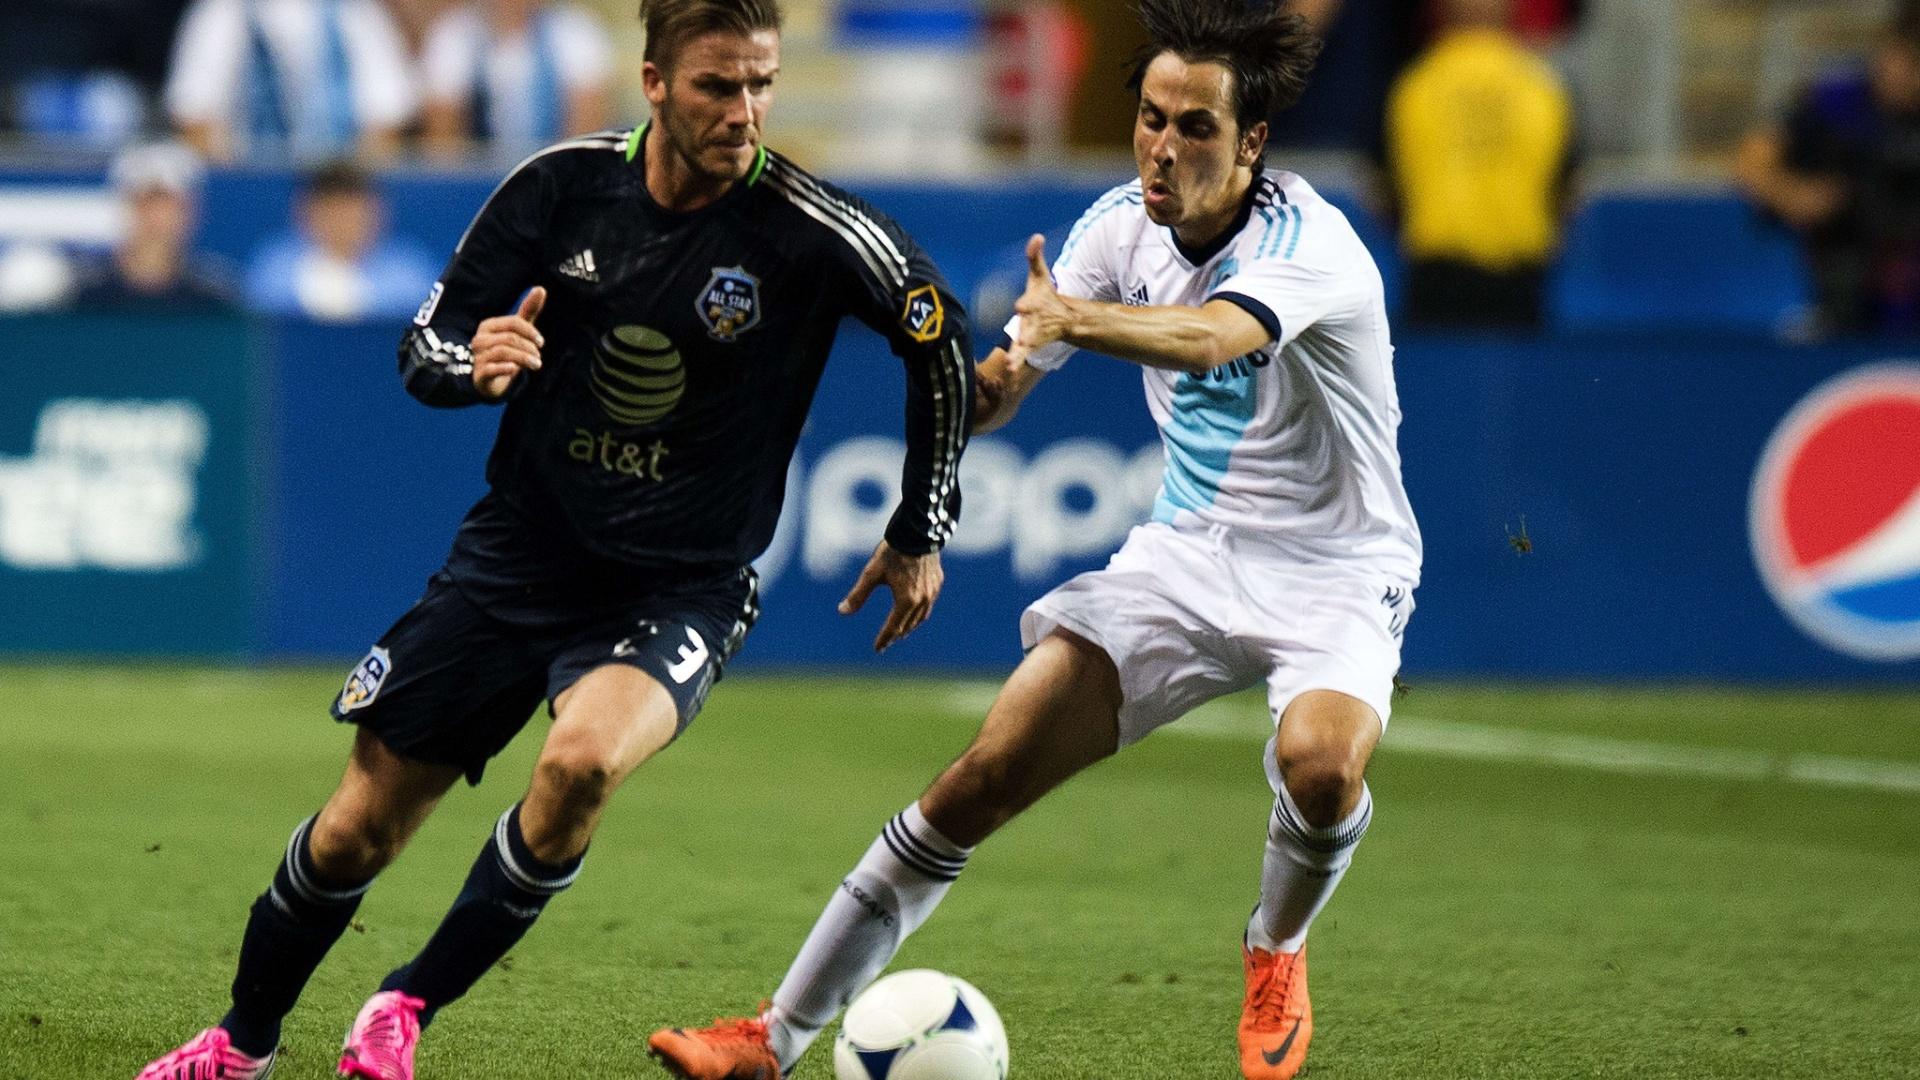 David Beckham encara marcação de Yossi Benayoun durante amistoso nos Estados Unidos